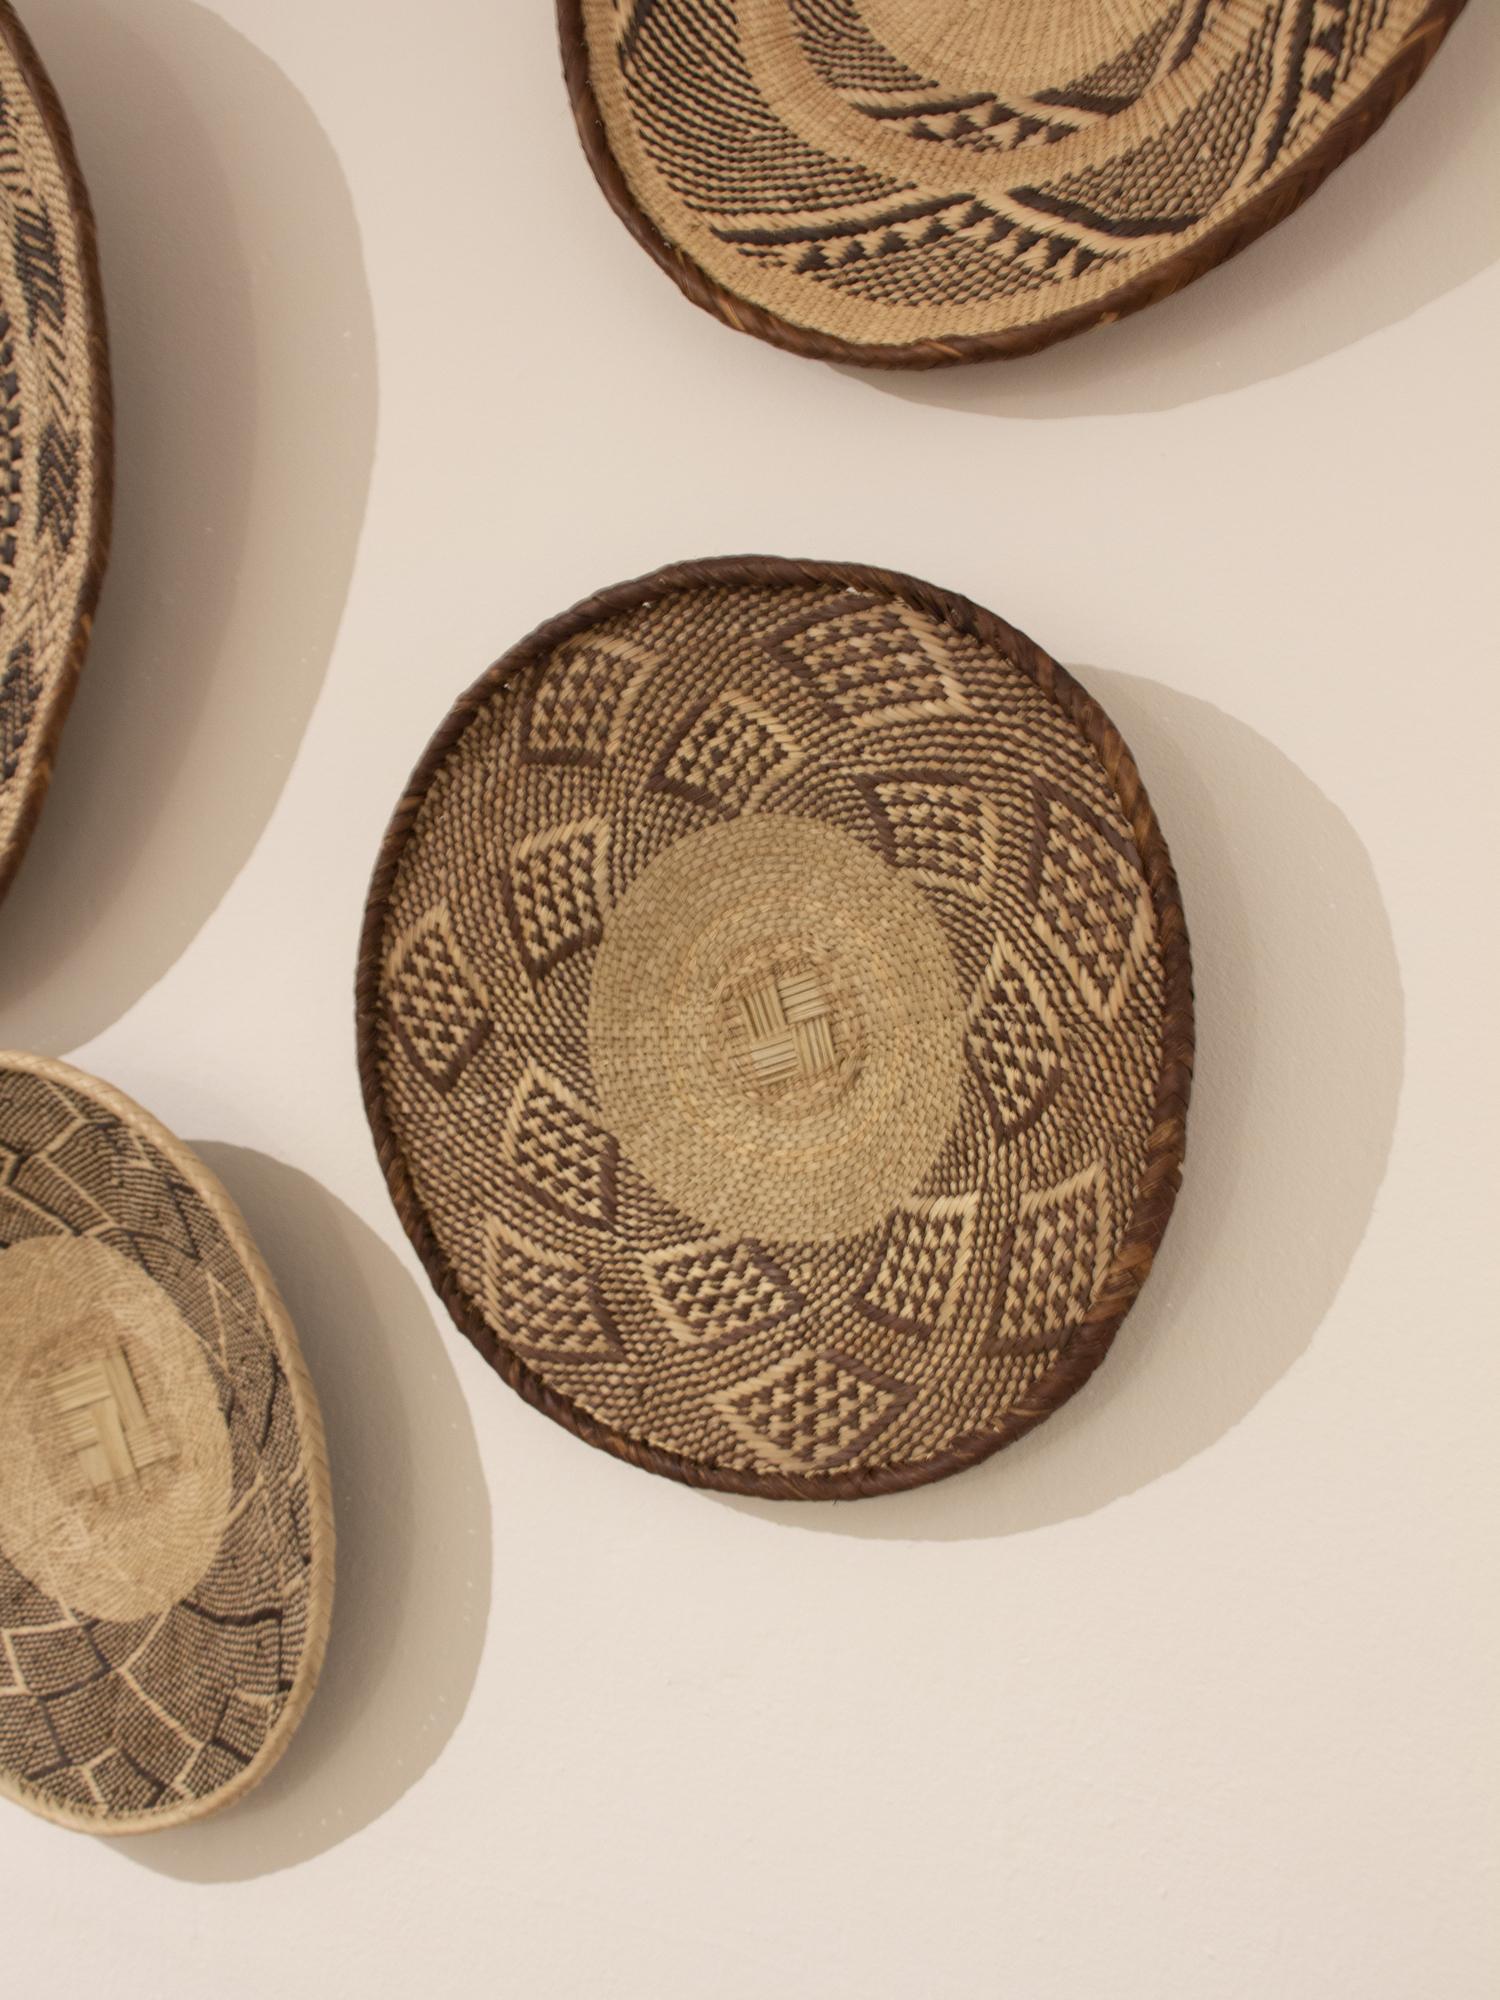 Plato tejido a mano por los tejedores del distrito de Zimbabwe. Cada pieza es única, tejida en tonos marrones y palma natural.Están tejidas a mano con palma ilala y teñidas a mano con tintes naturales.